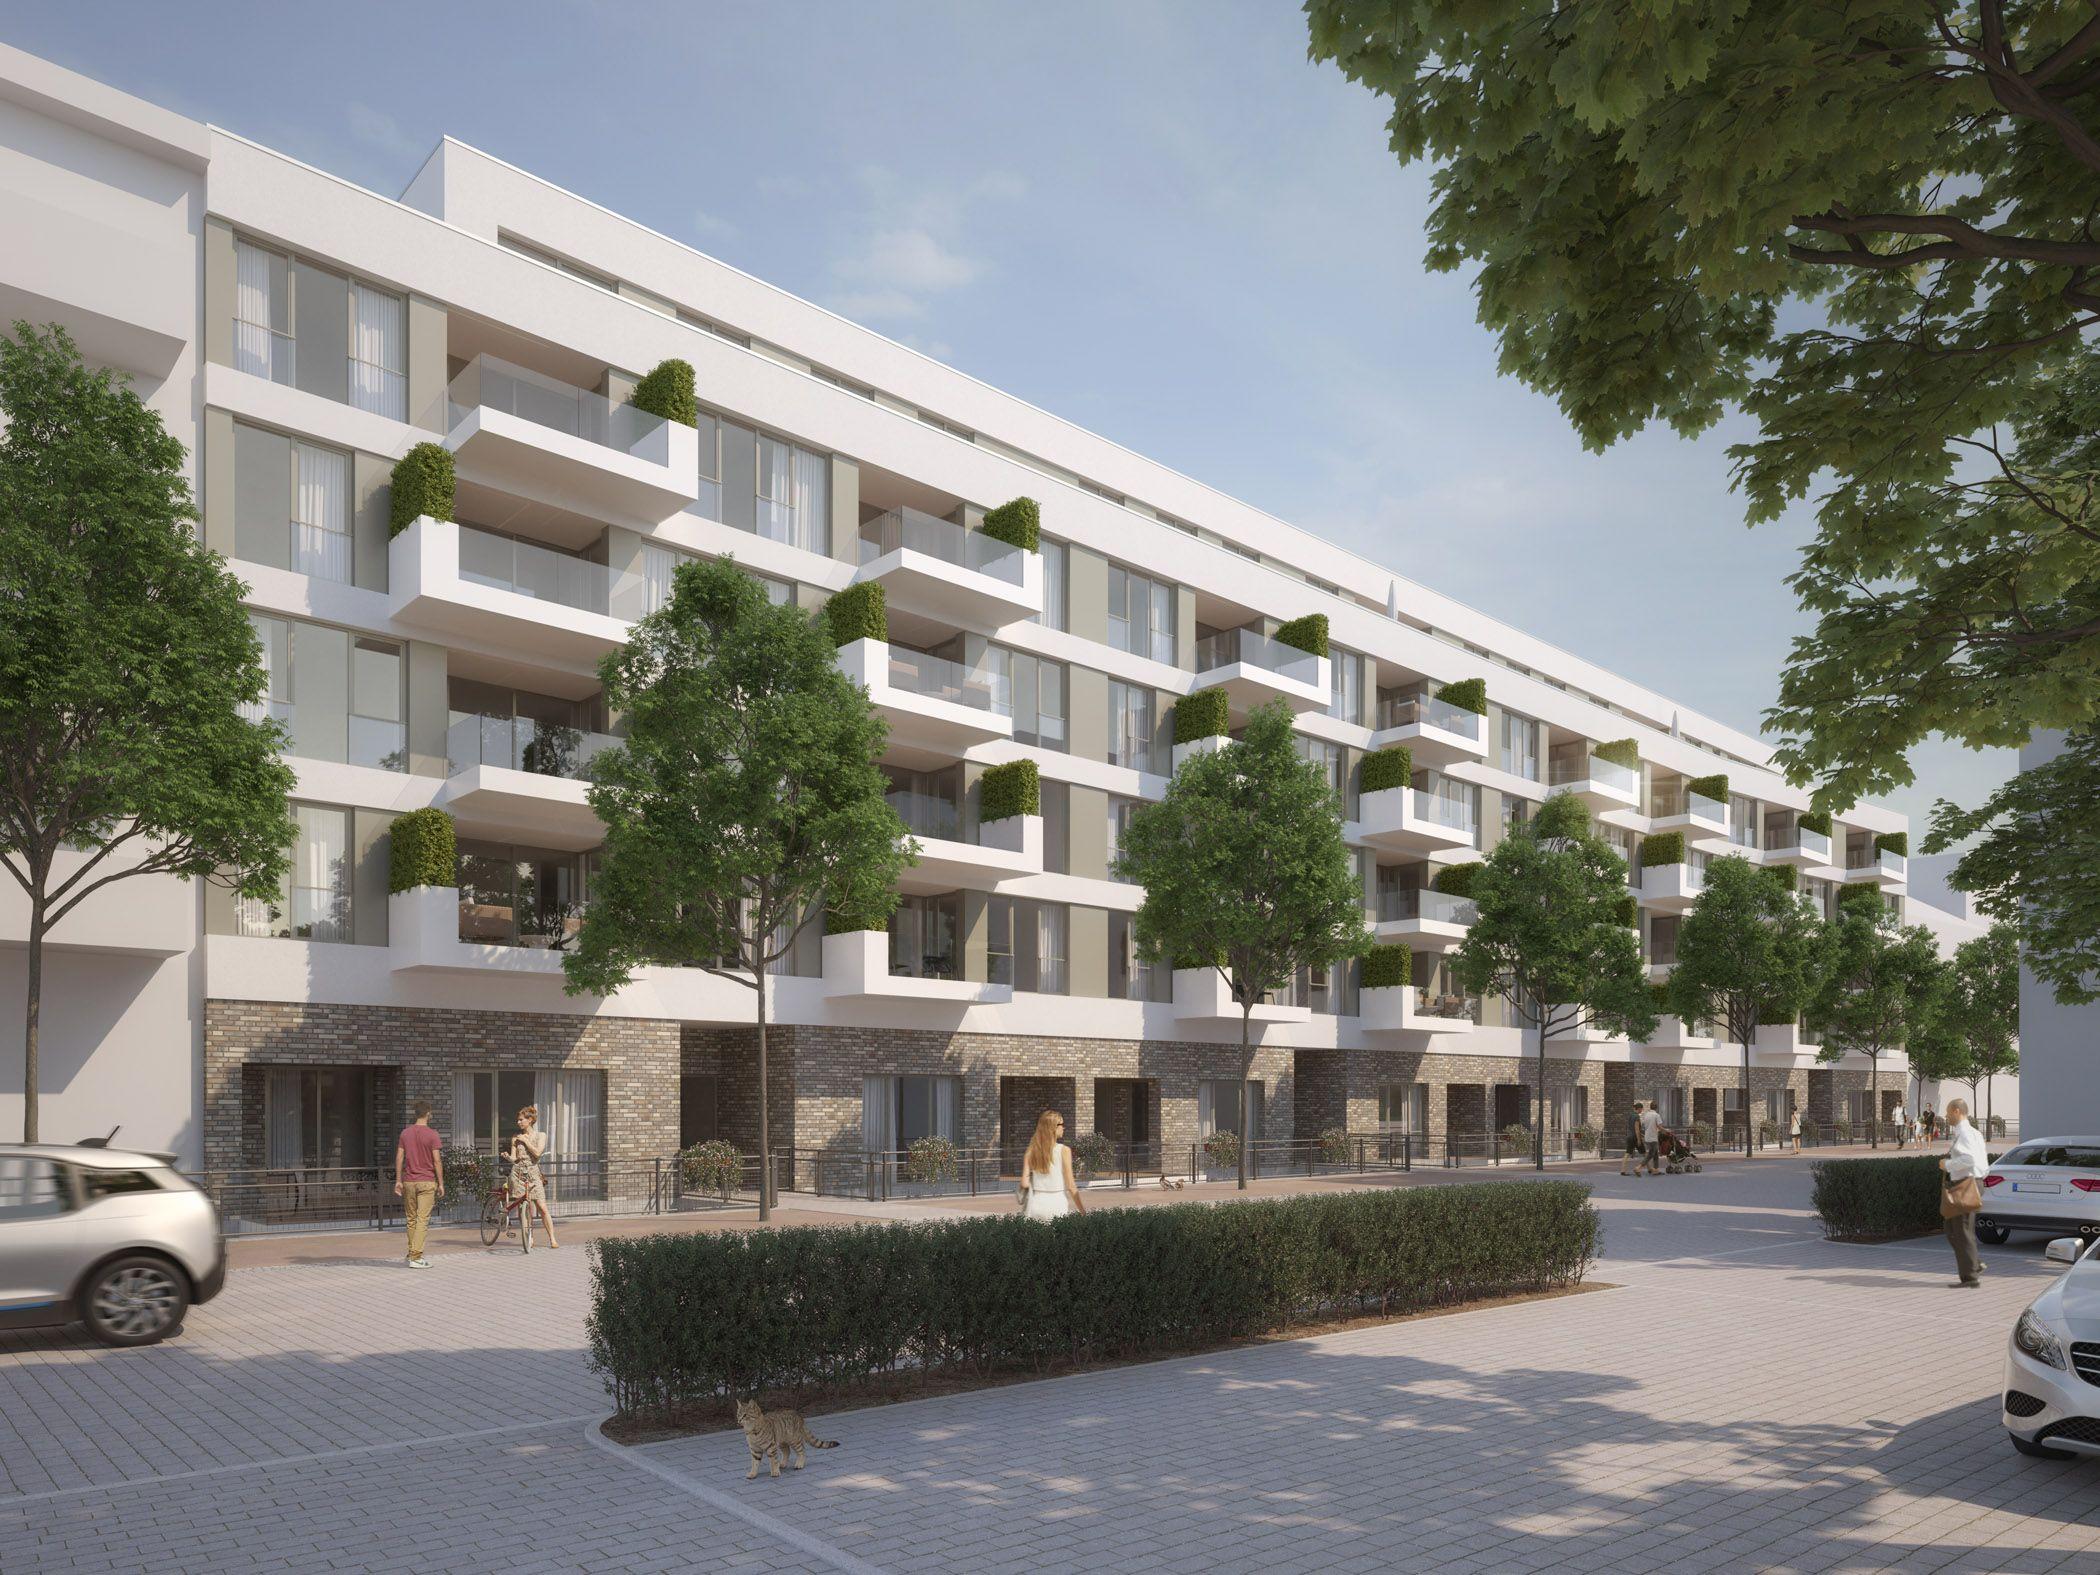 Architekturvisualisierung Stuttgart hafner areal pforzheim raumlabor3 architekturvisualisierung aus